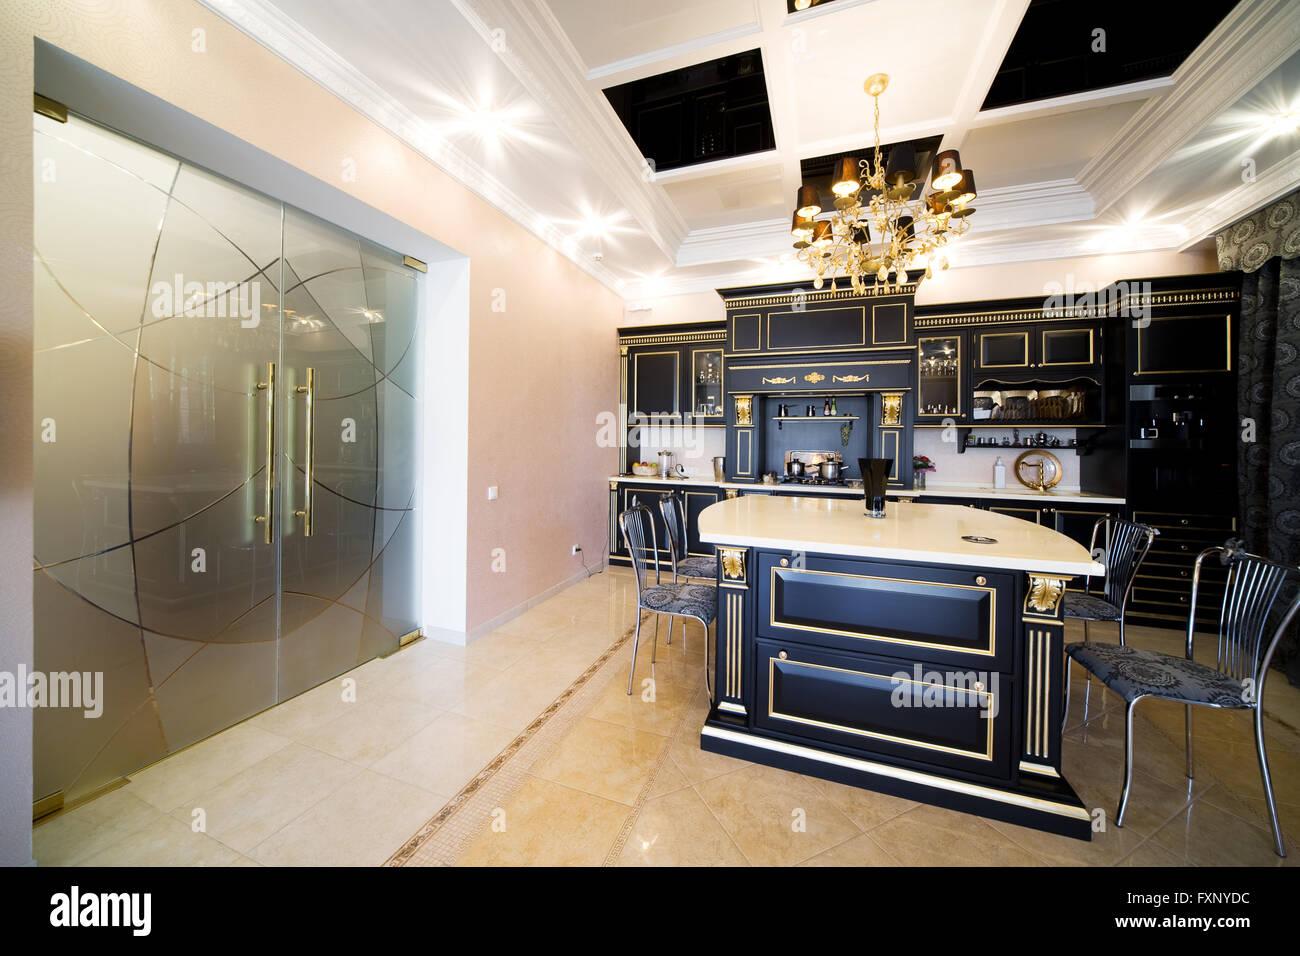 Große Glastüren auf schöne moderne Küche Stockfoto, Bild: 102515432 ...